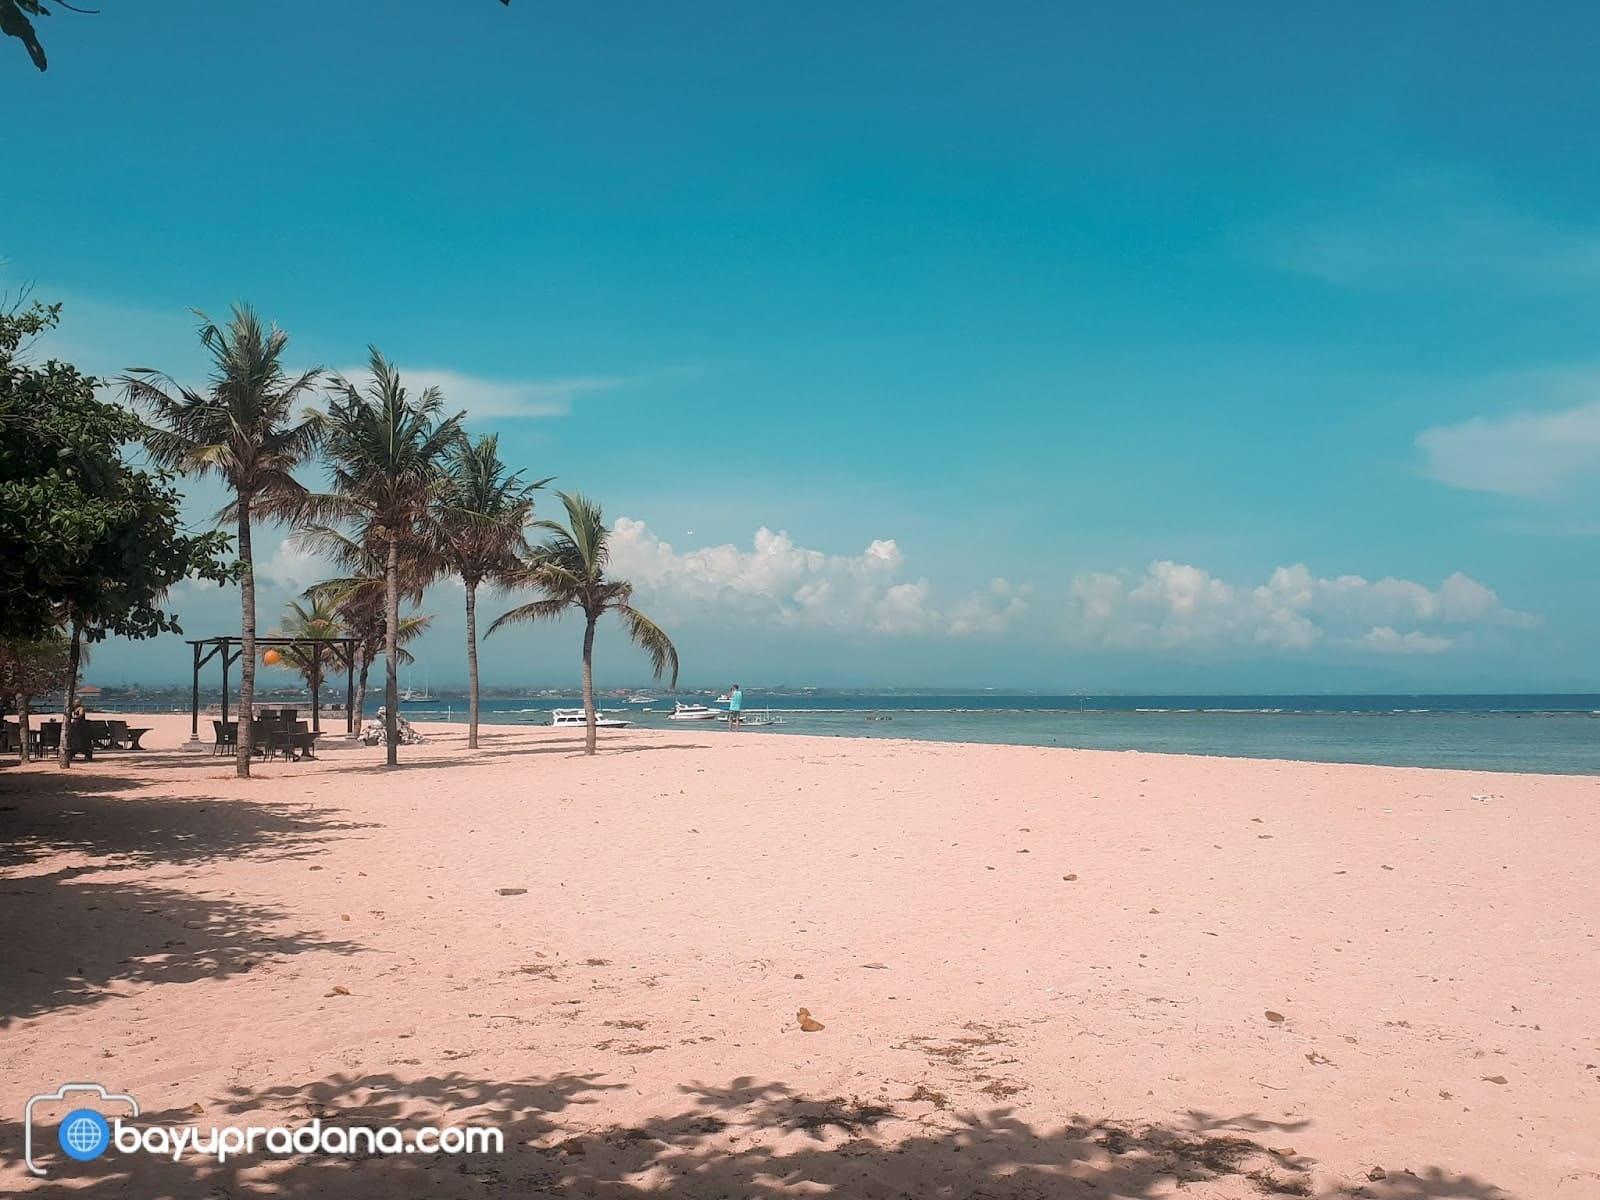 Foto Pantai Sanur Bali, Pasir Putih dan Birunya Langit Siang Hari